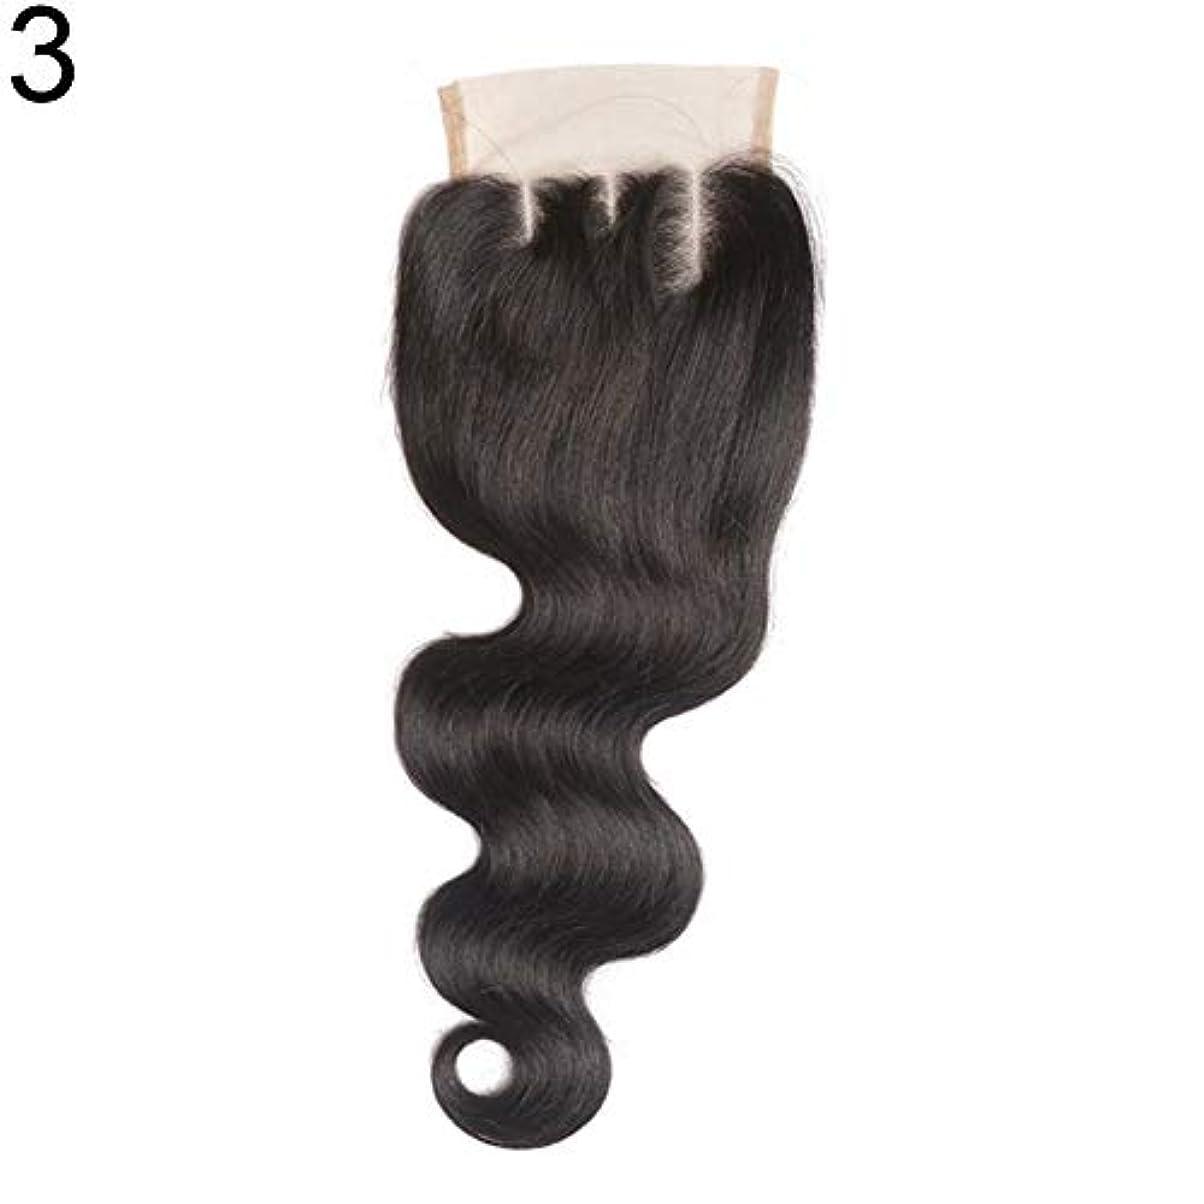 暗殺する作者自由slQinjiansav女性ウィッグ修理ツールブラジルのミドル/フリー/3部人間の髪のレース閉鎖ウィッグ黒ヘアピース